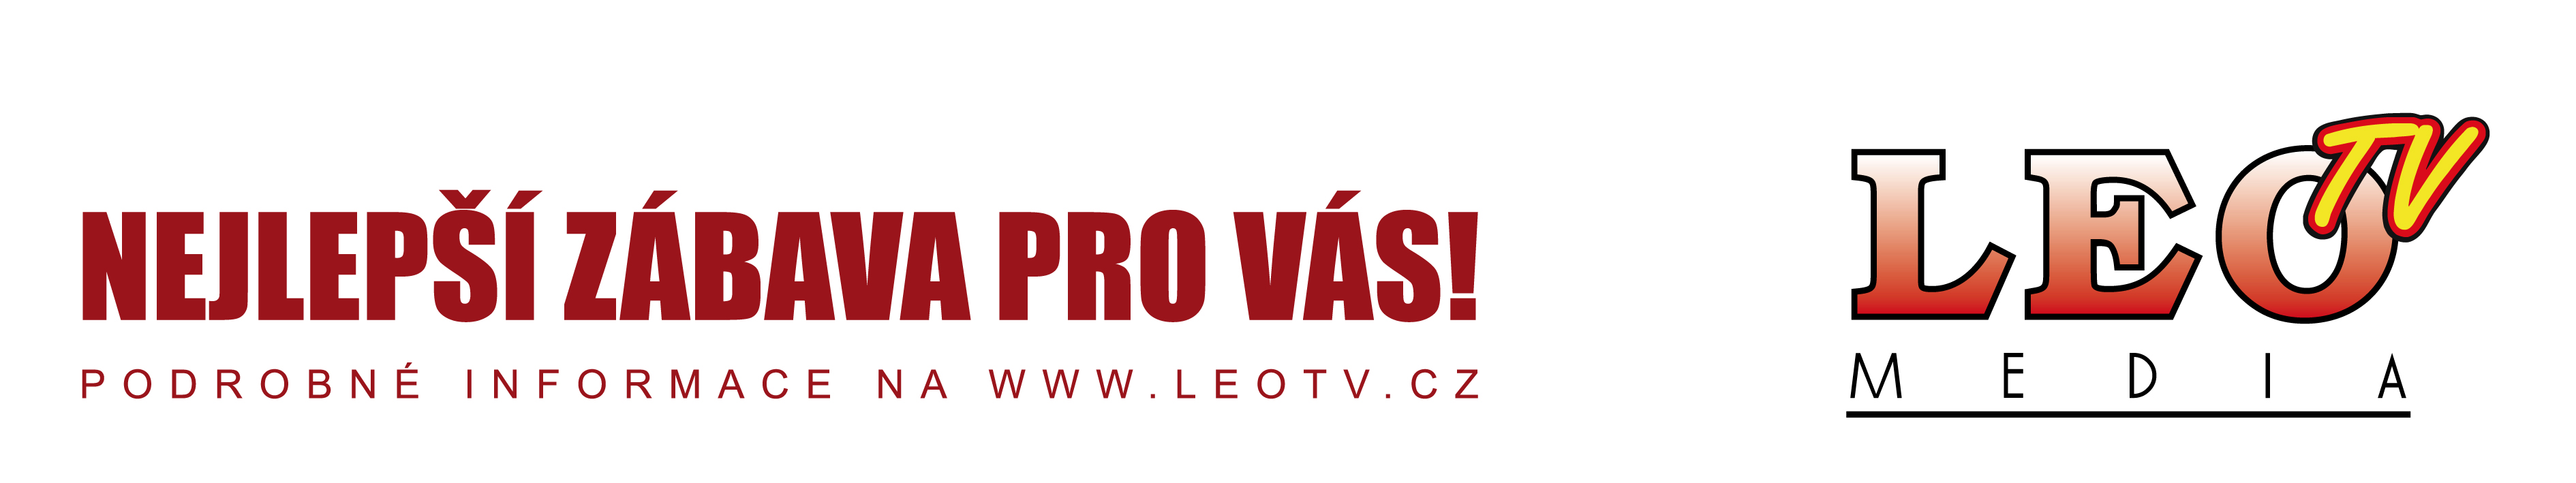 LEOTV_MEDIA_POTISK_Kalendare_2014_Press-1OK